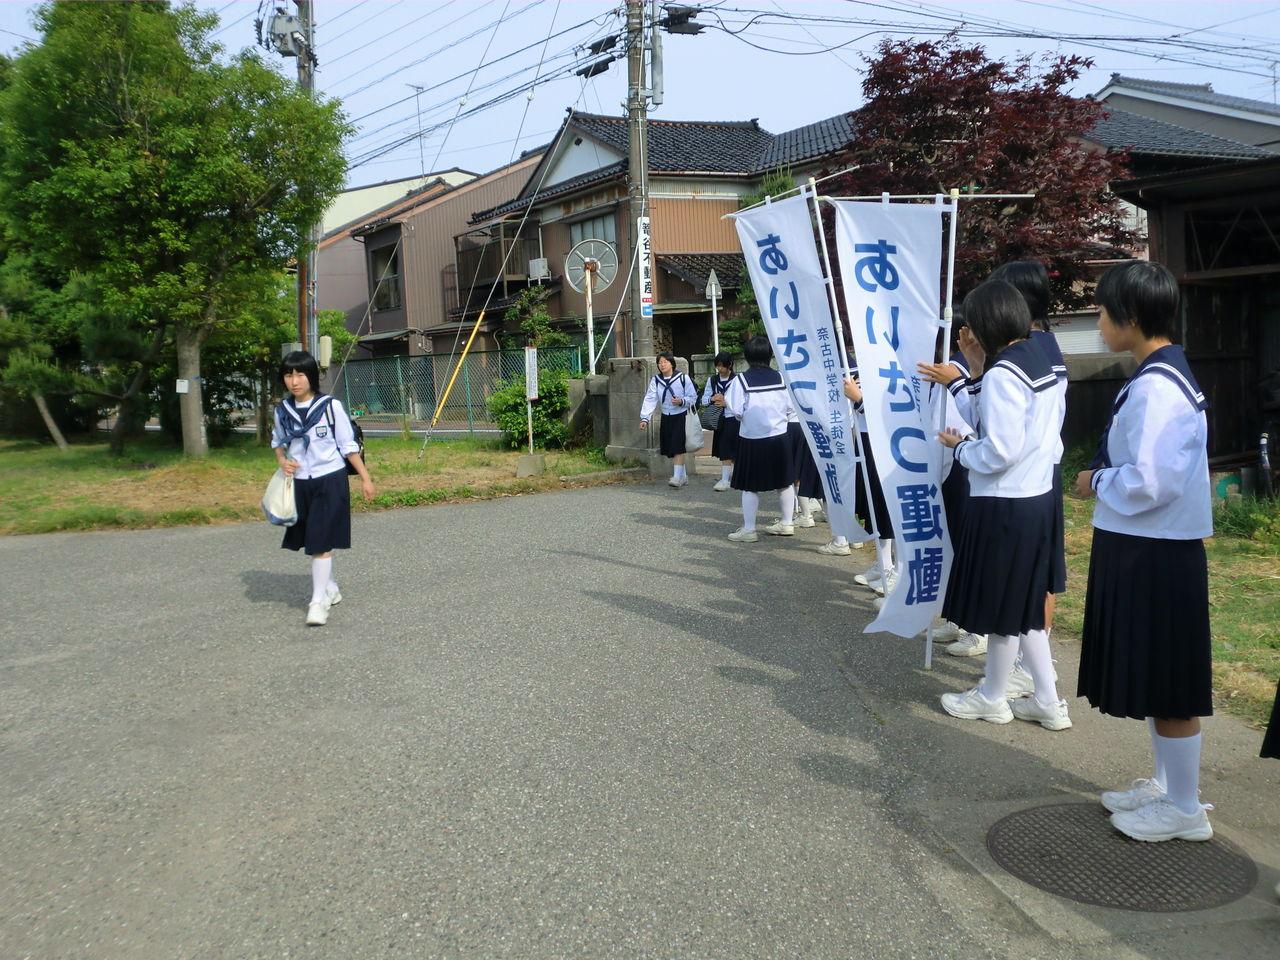 女子バスケット あいさつ運動 005  「生徒会活動」カテゴリの最新記事   ようこそ~射水市立